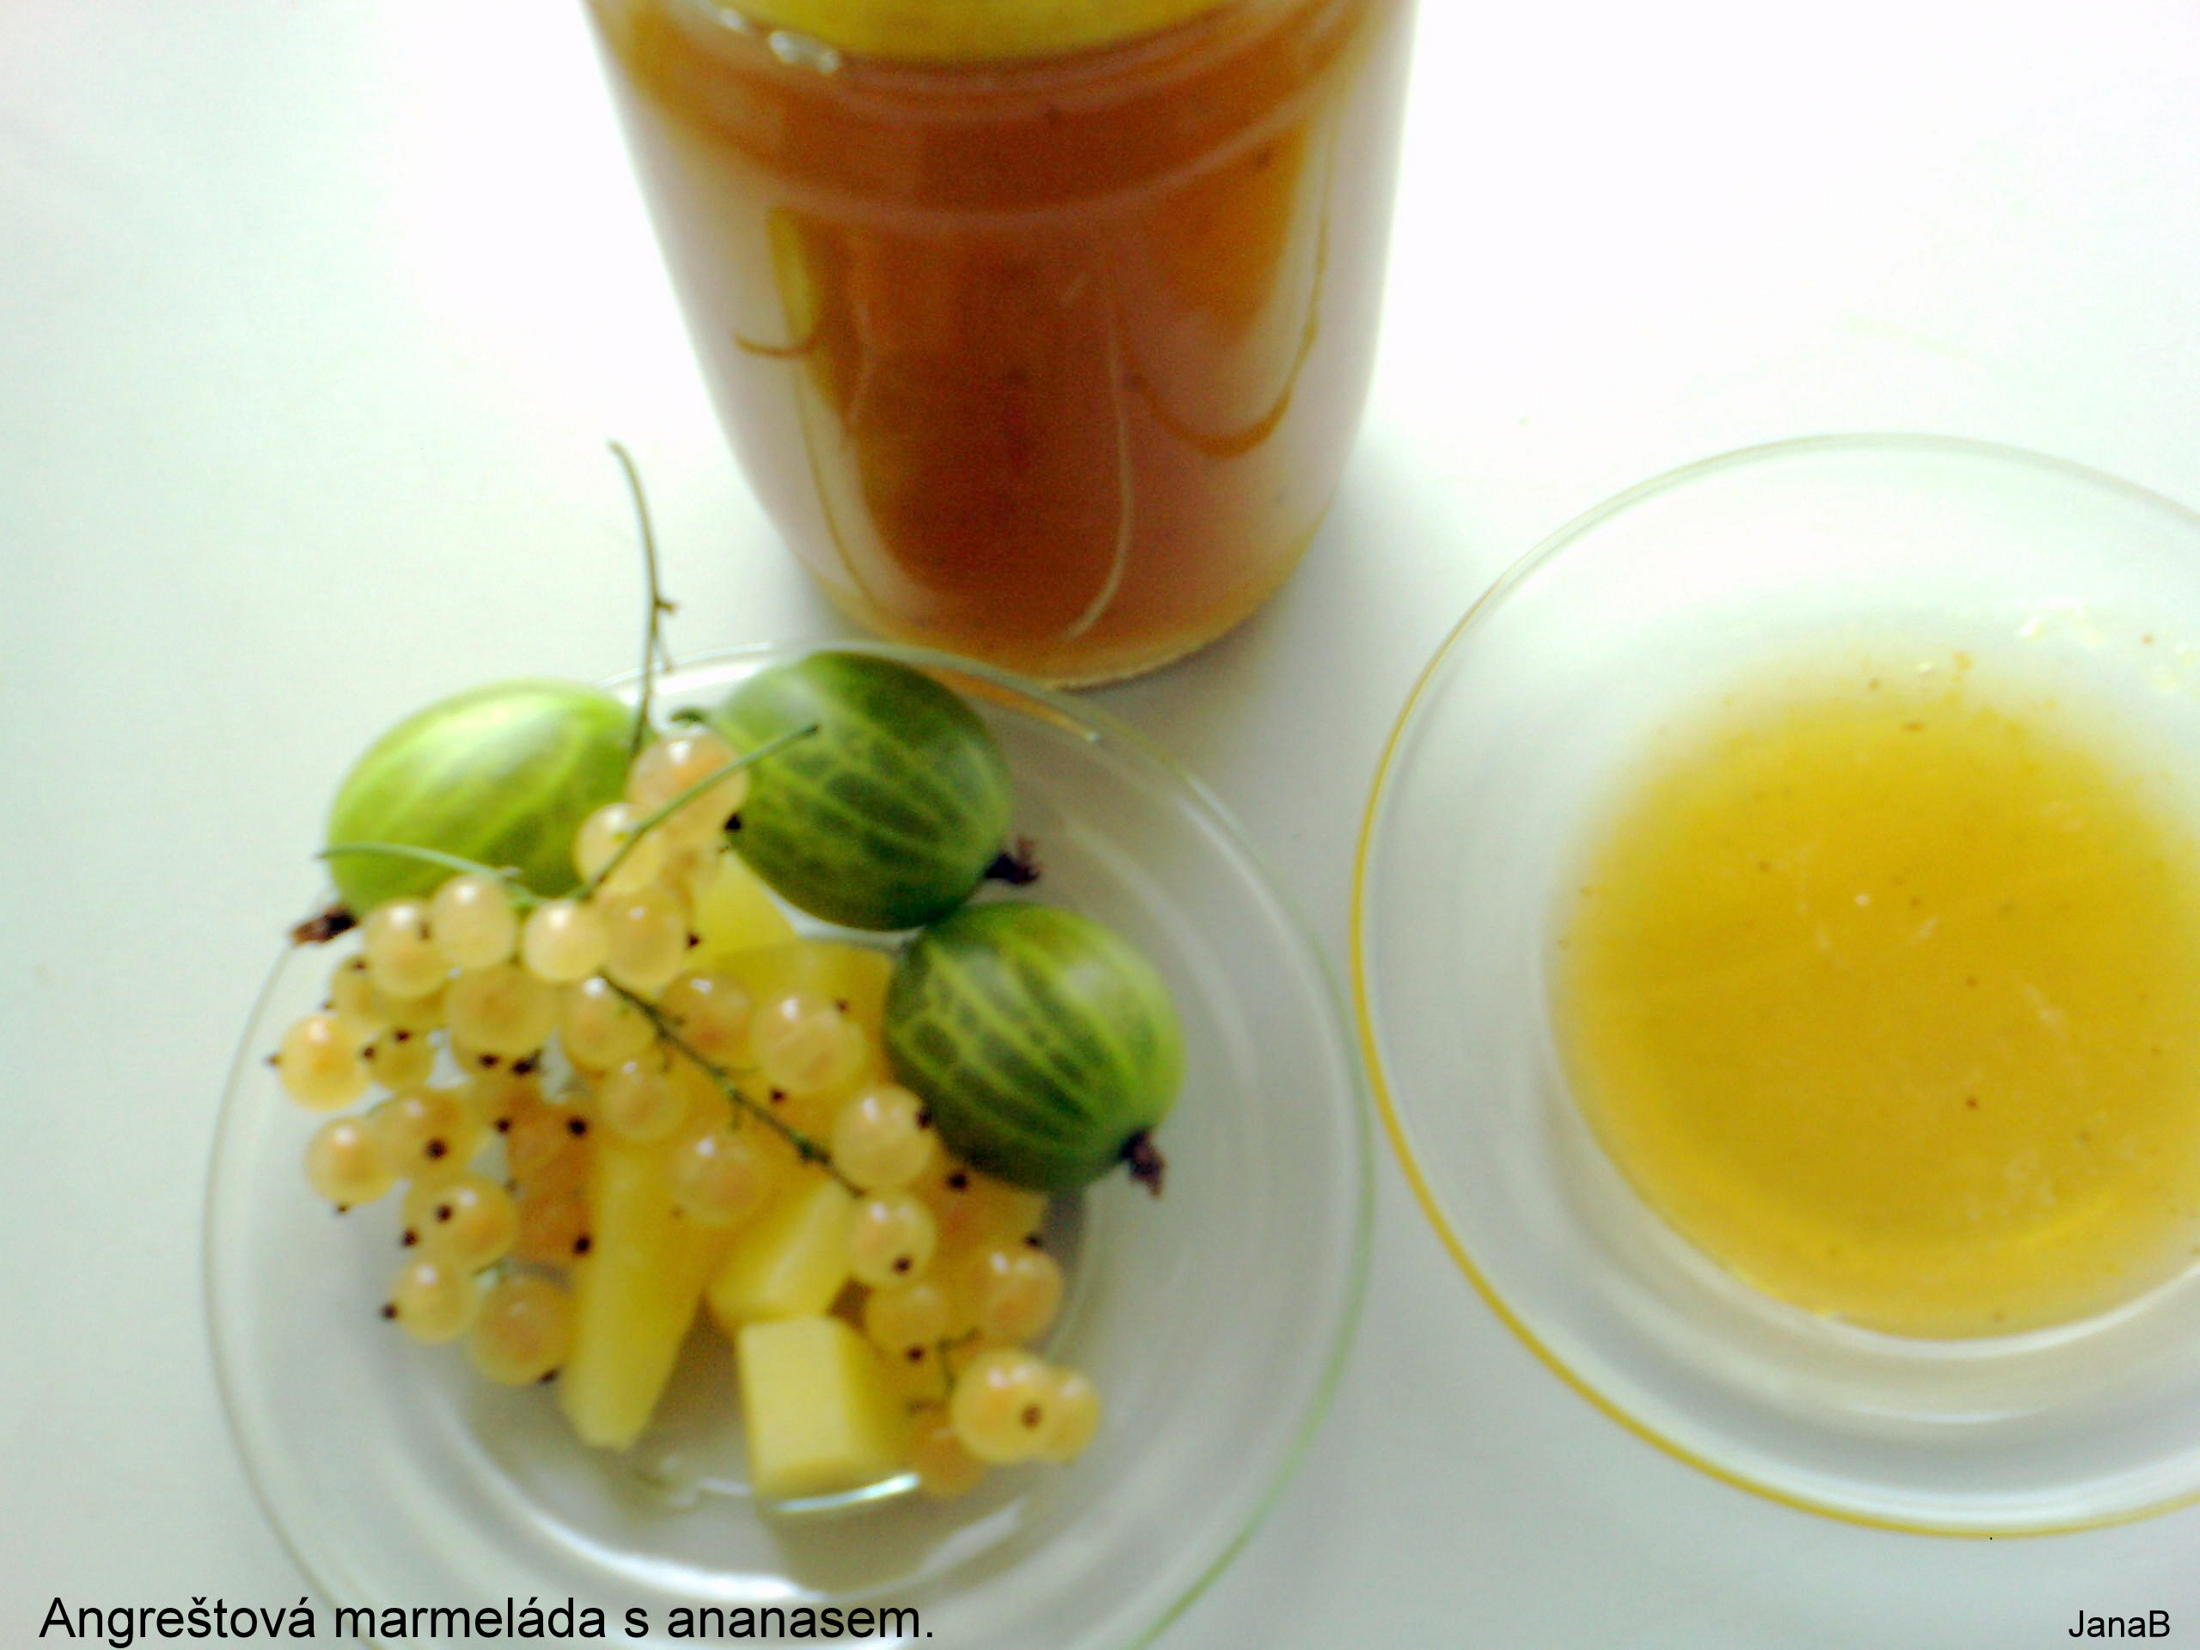 Angreštová marmeláda s ananasem